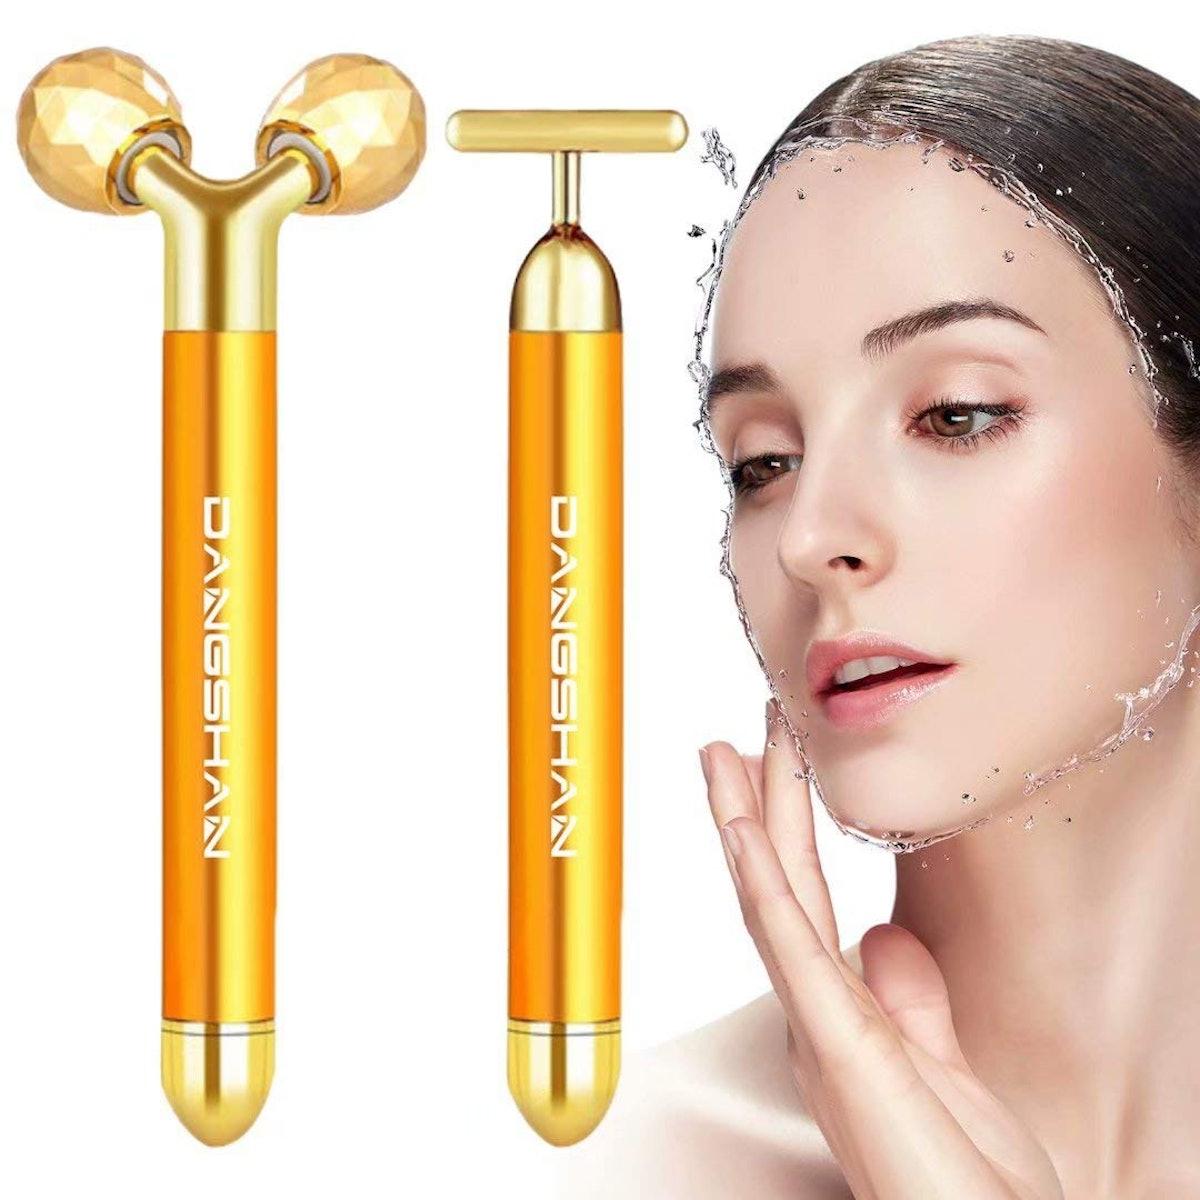 DANGSHAN Face Massager Tool